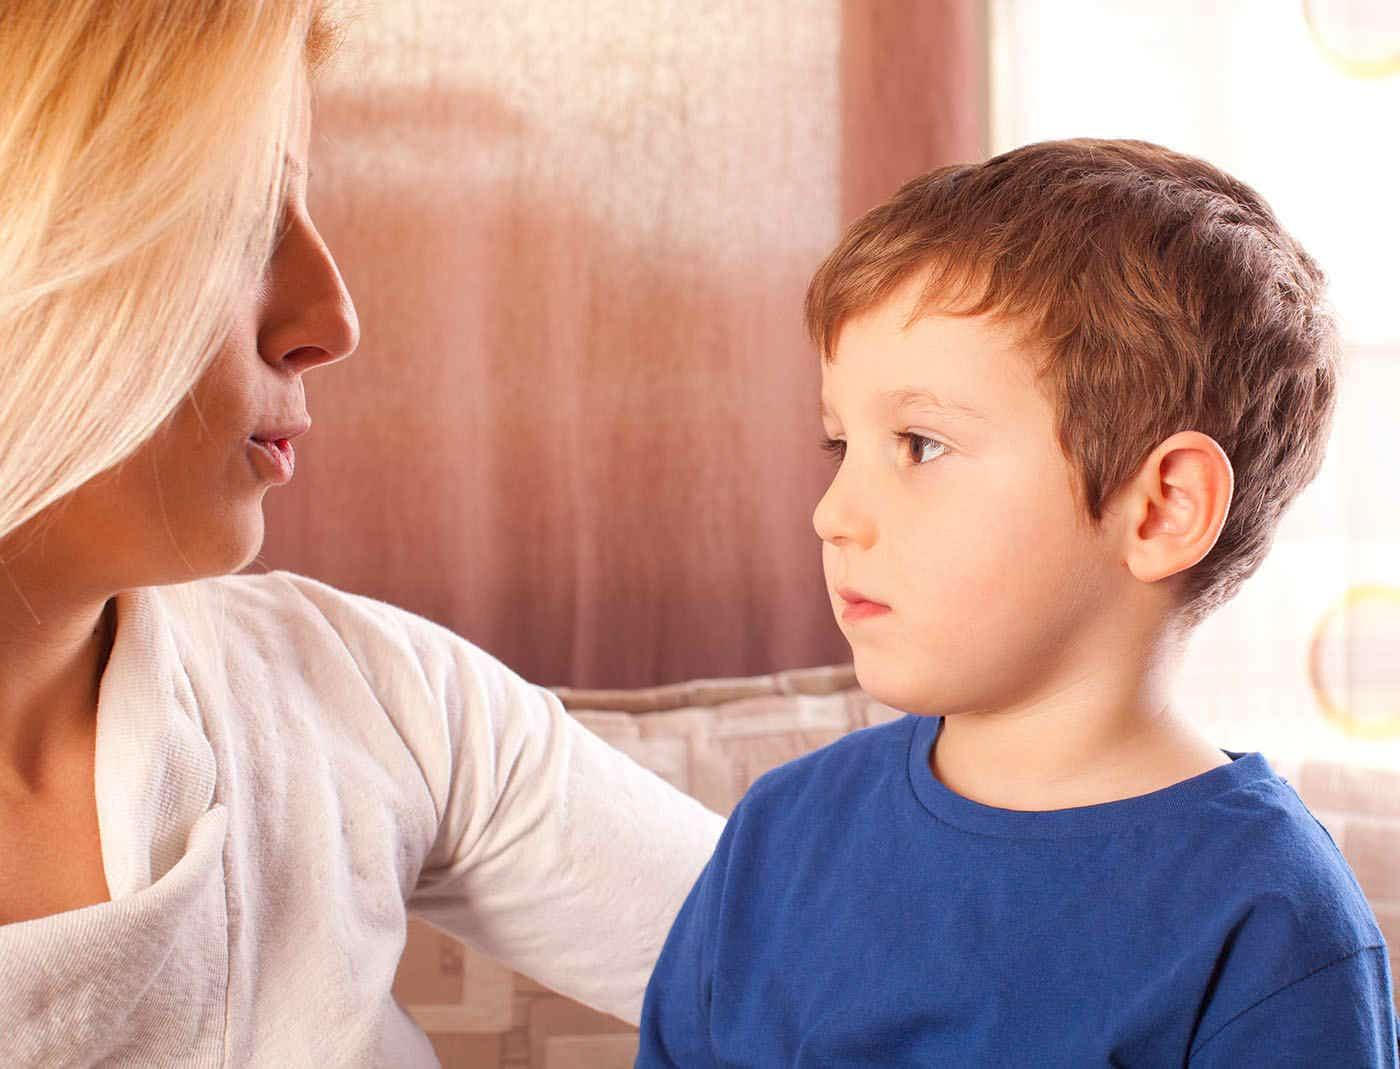 Cum să-ți motivezi copilul fără să-l stresezi